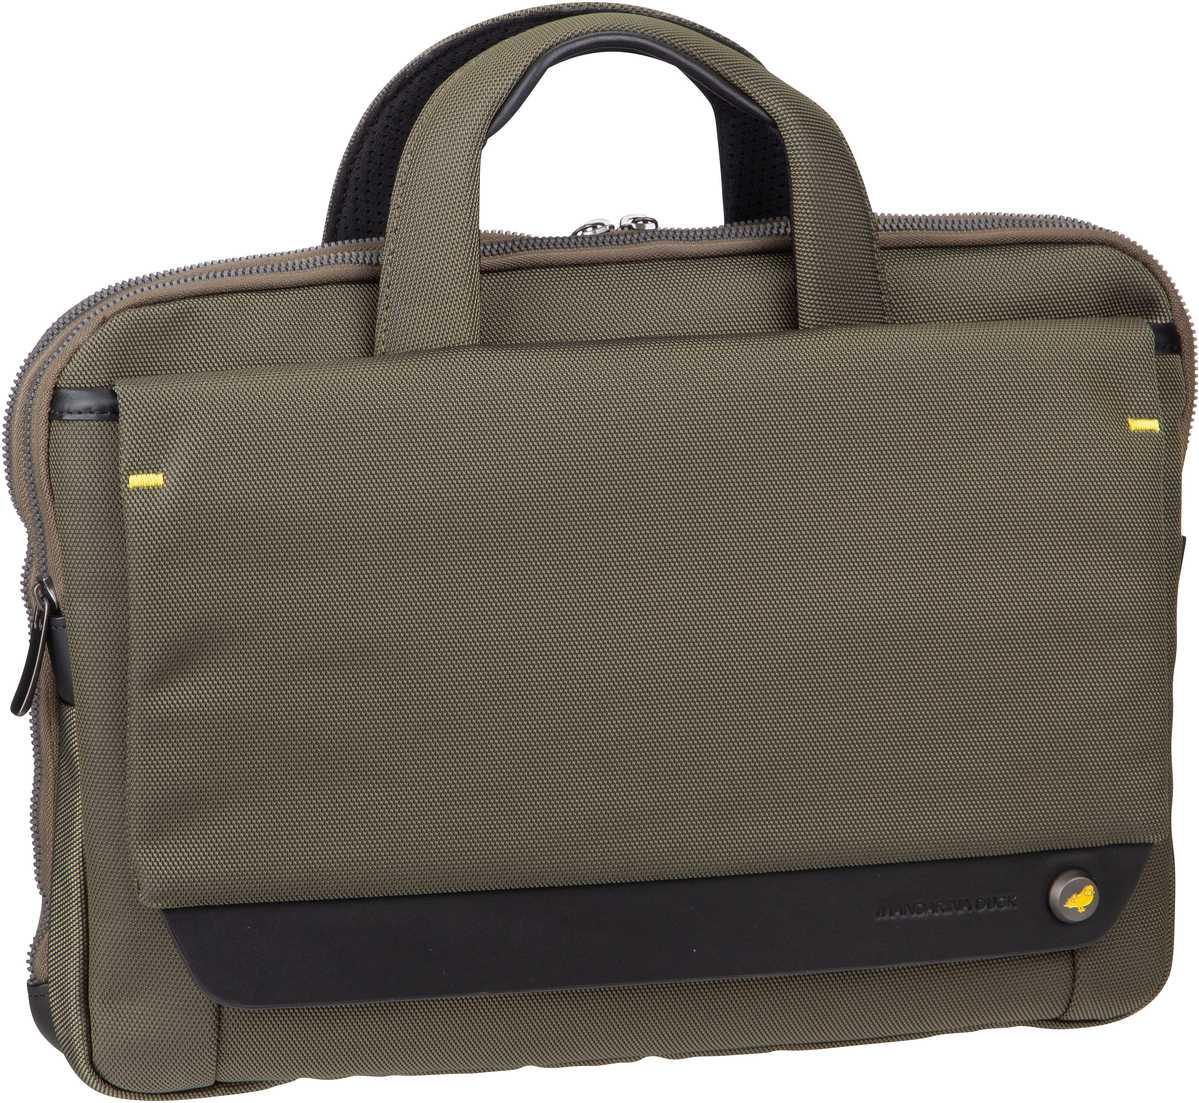 Businesstaschen für Frauen - Mandarina Duck Aktentasche Mr. Duck Briefcase Slim STC03 Soldier  - Onlineshop Taschenkaufhaus